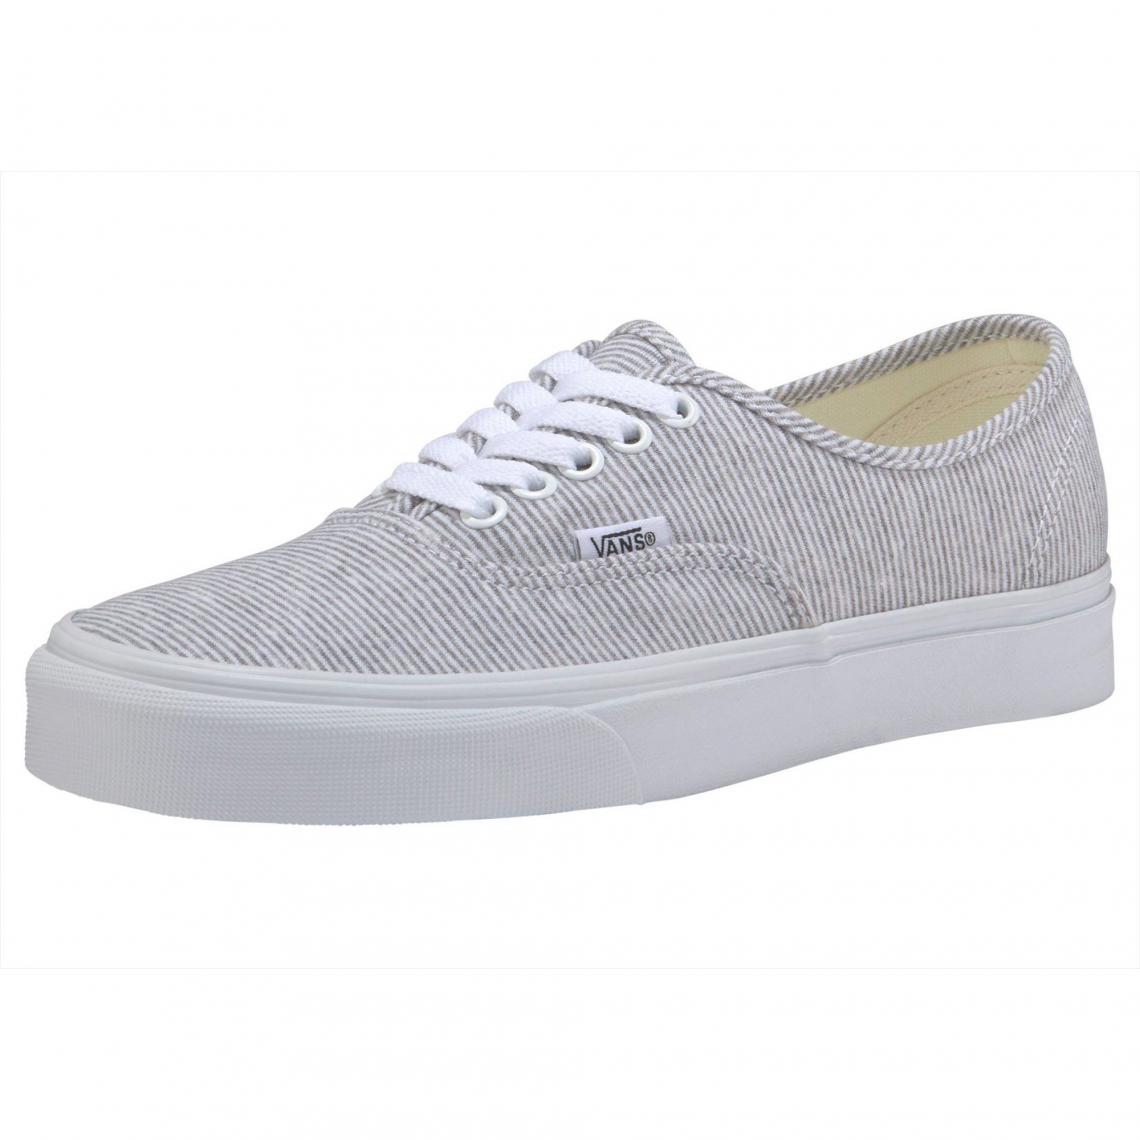 579d05c0492 Chaussure en toile Vans Authentic Jersey homme - Gris - Blanc Vans Homme